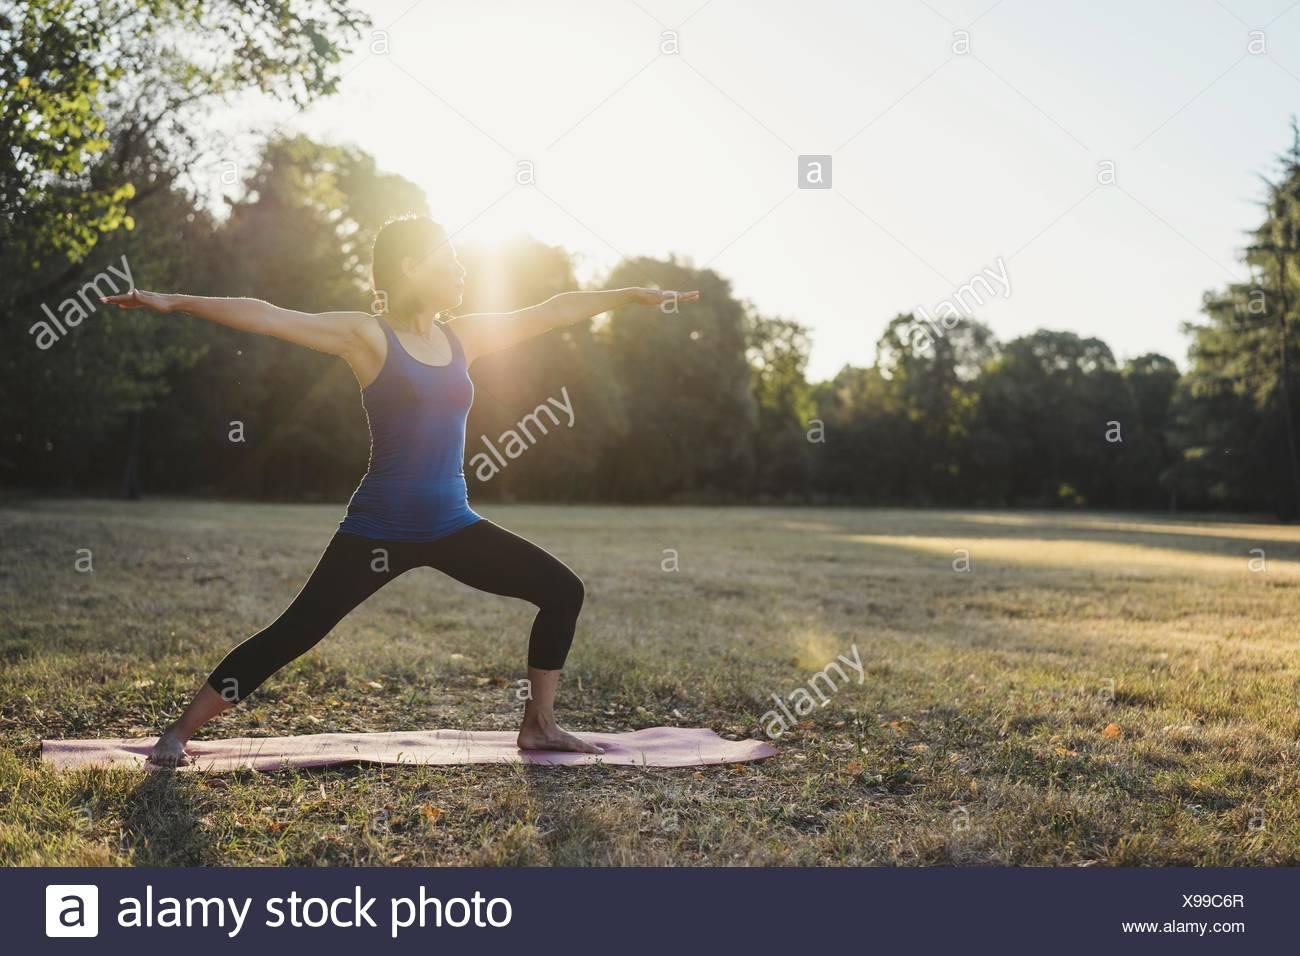 Mature Woman in park, debout en position de yoga, les bras tendus Photo Stock